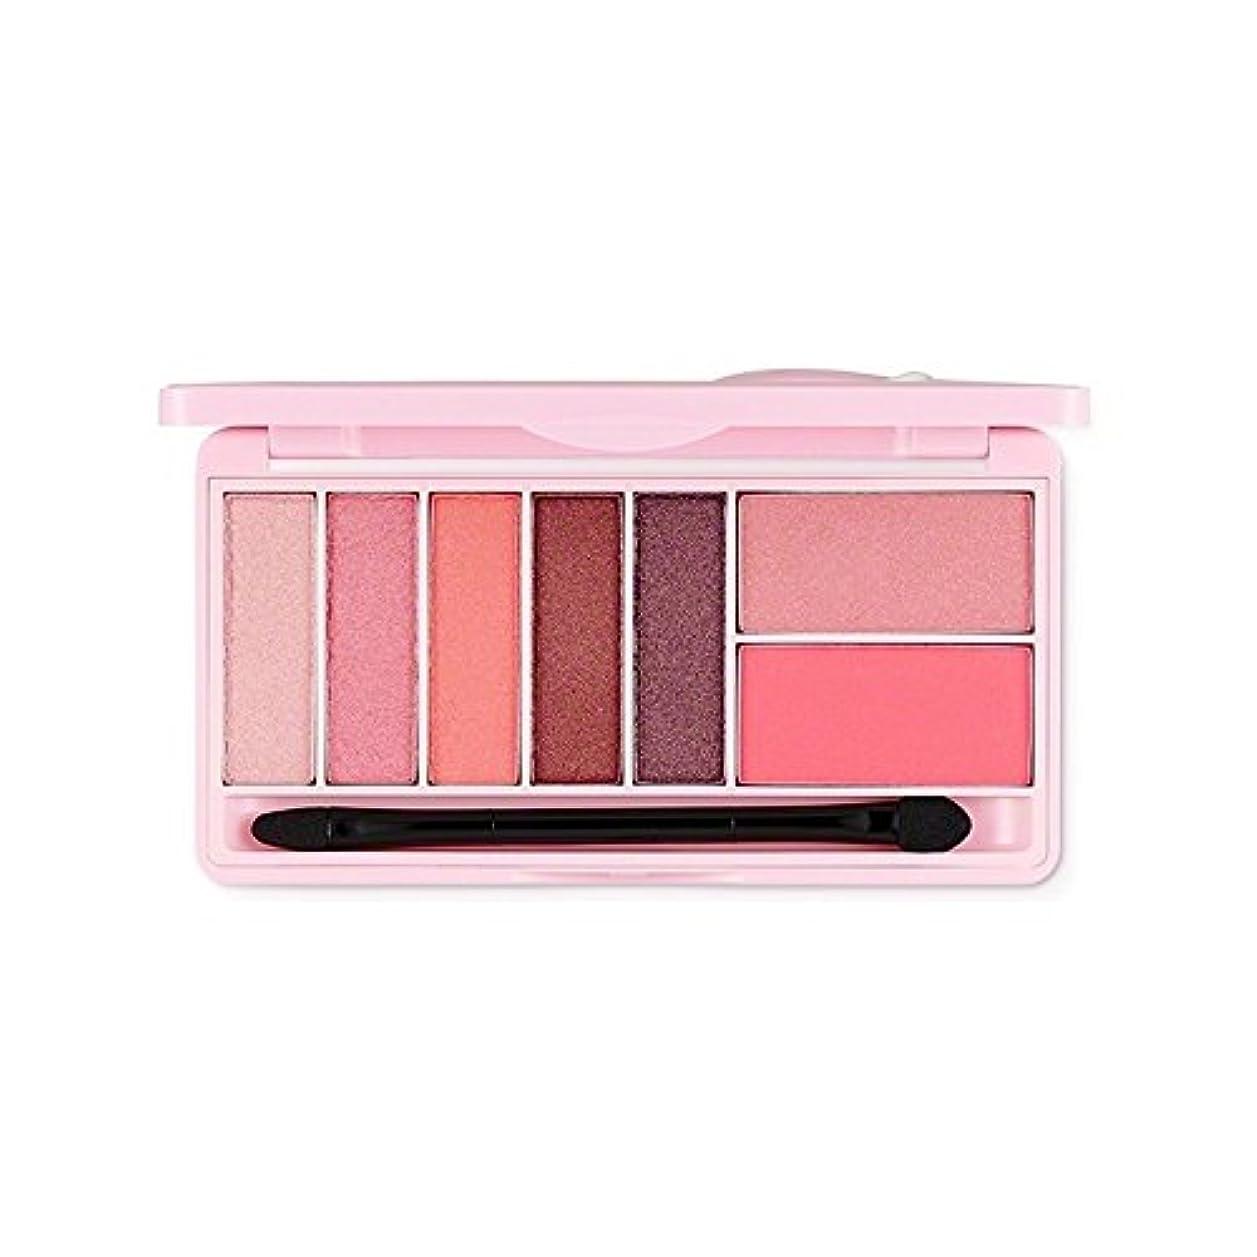 者光打撃The Face Shop スウィートアペックチャーモノポップアイズ Kakao FriendsThe Face Shop Sweet Apeach Mono Pop Eyes 9.5g/甘いアペサート (Pink Winking...